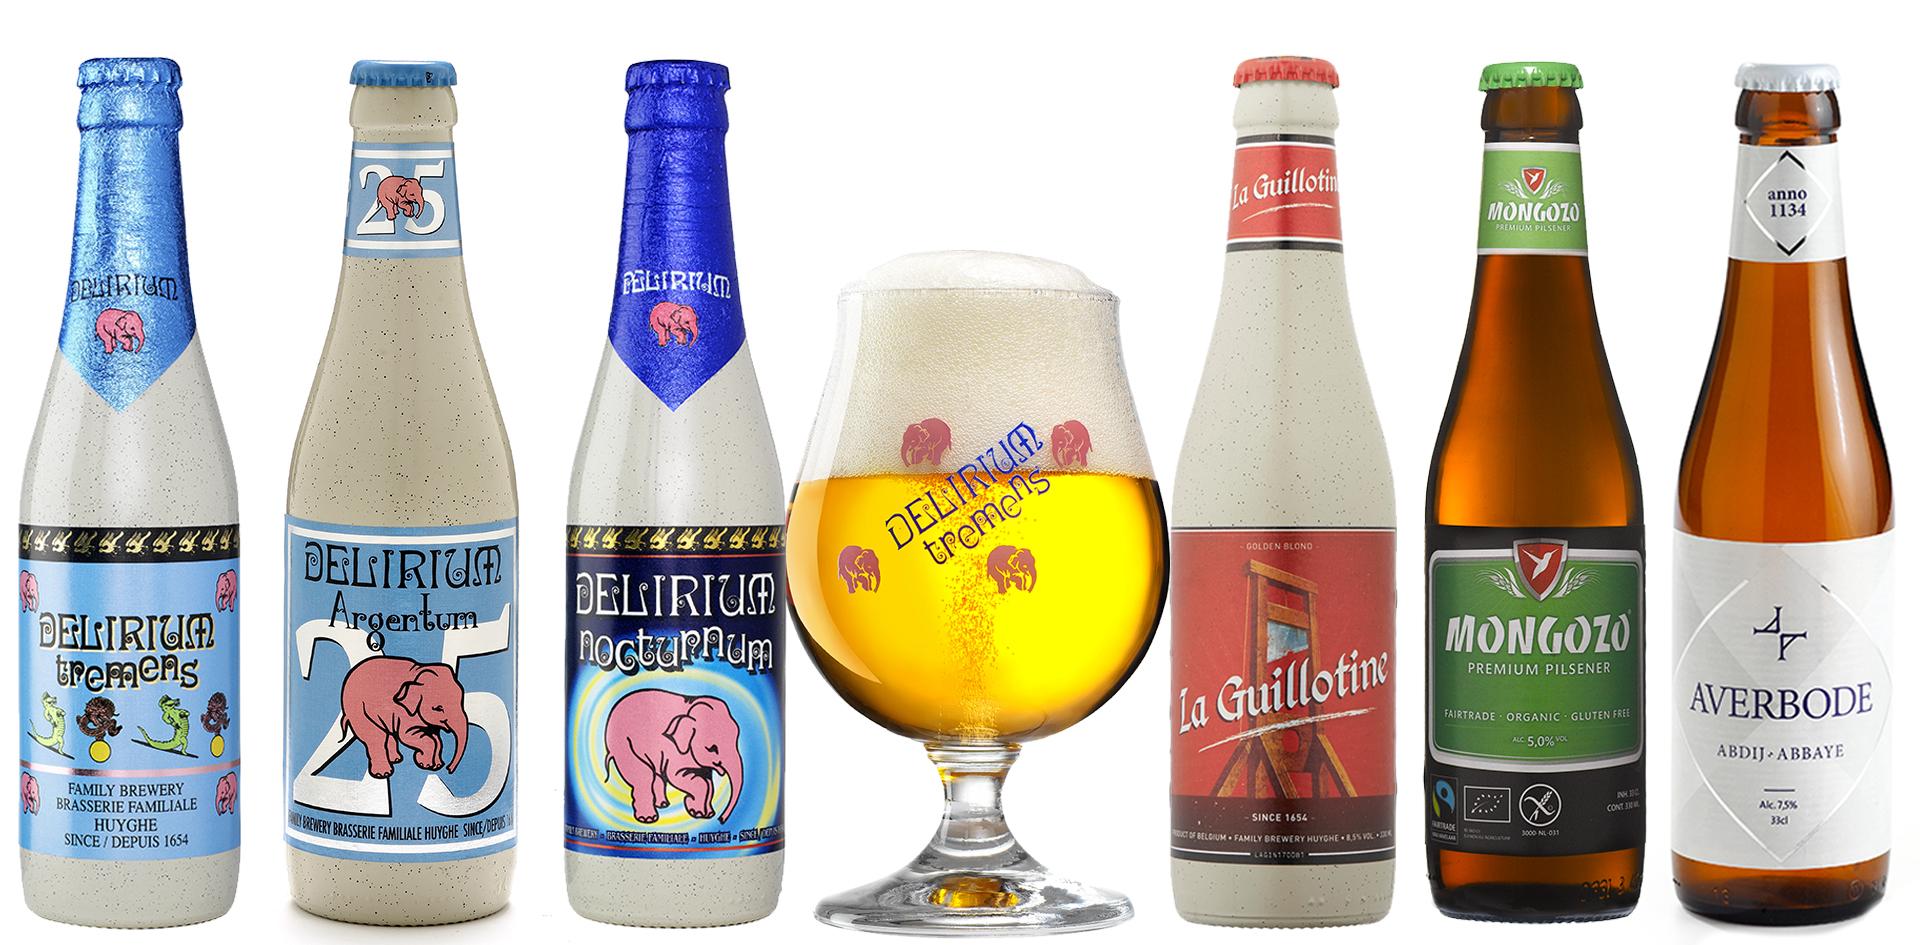 nectar-utrecht-pils-bier-brouwerij-belgië-brouwerij-huyghe-delerium-assortimentv2